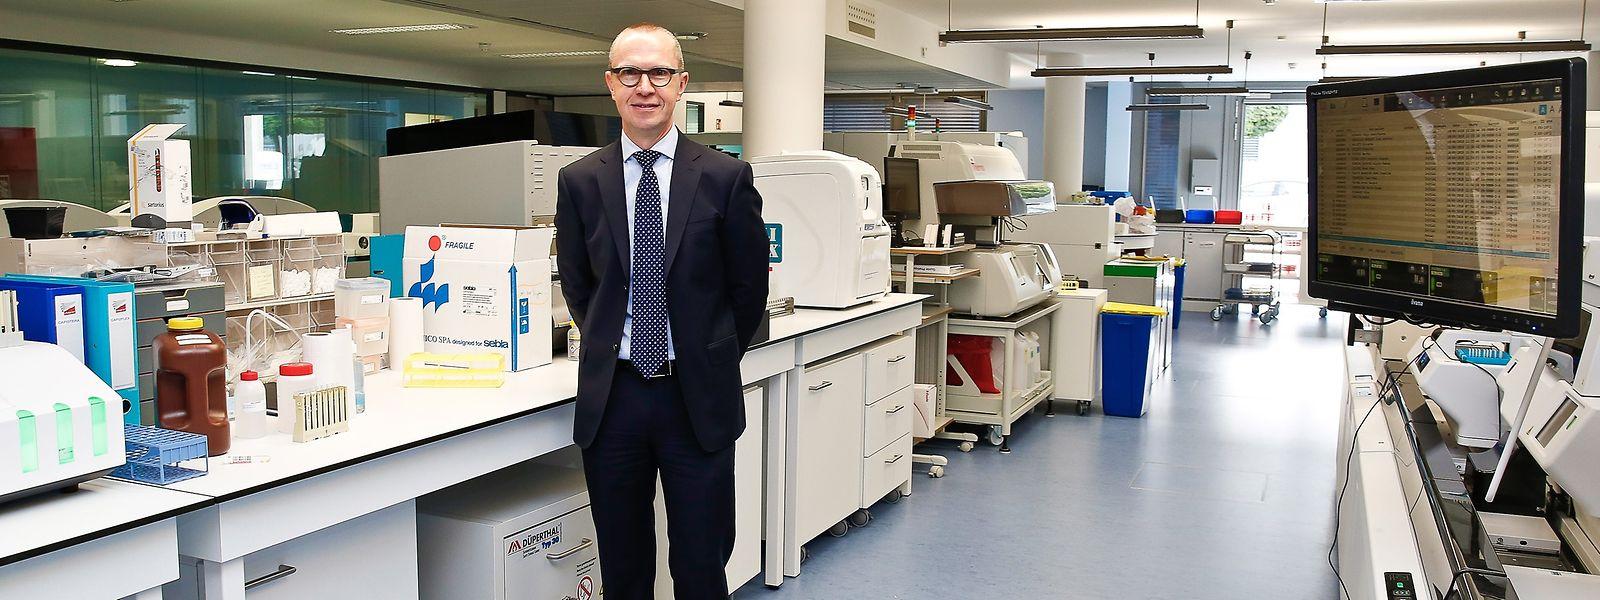 Pour Jean-Luc Dourson, le fonctionnement futur du LST devrait reposer sur tous les laboratoires du pays et non les seuls Laboratoires réunis, prestataires des différentes phases du dispositif sanitaire.